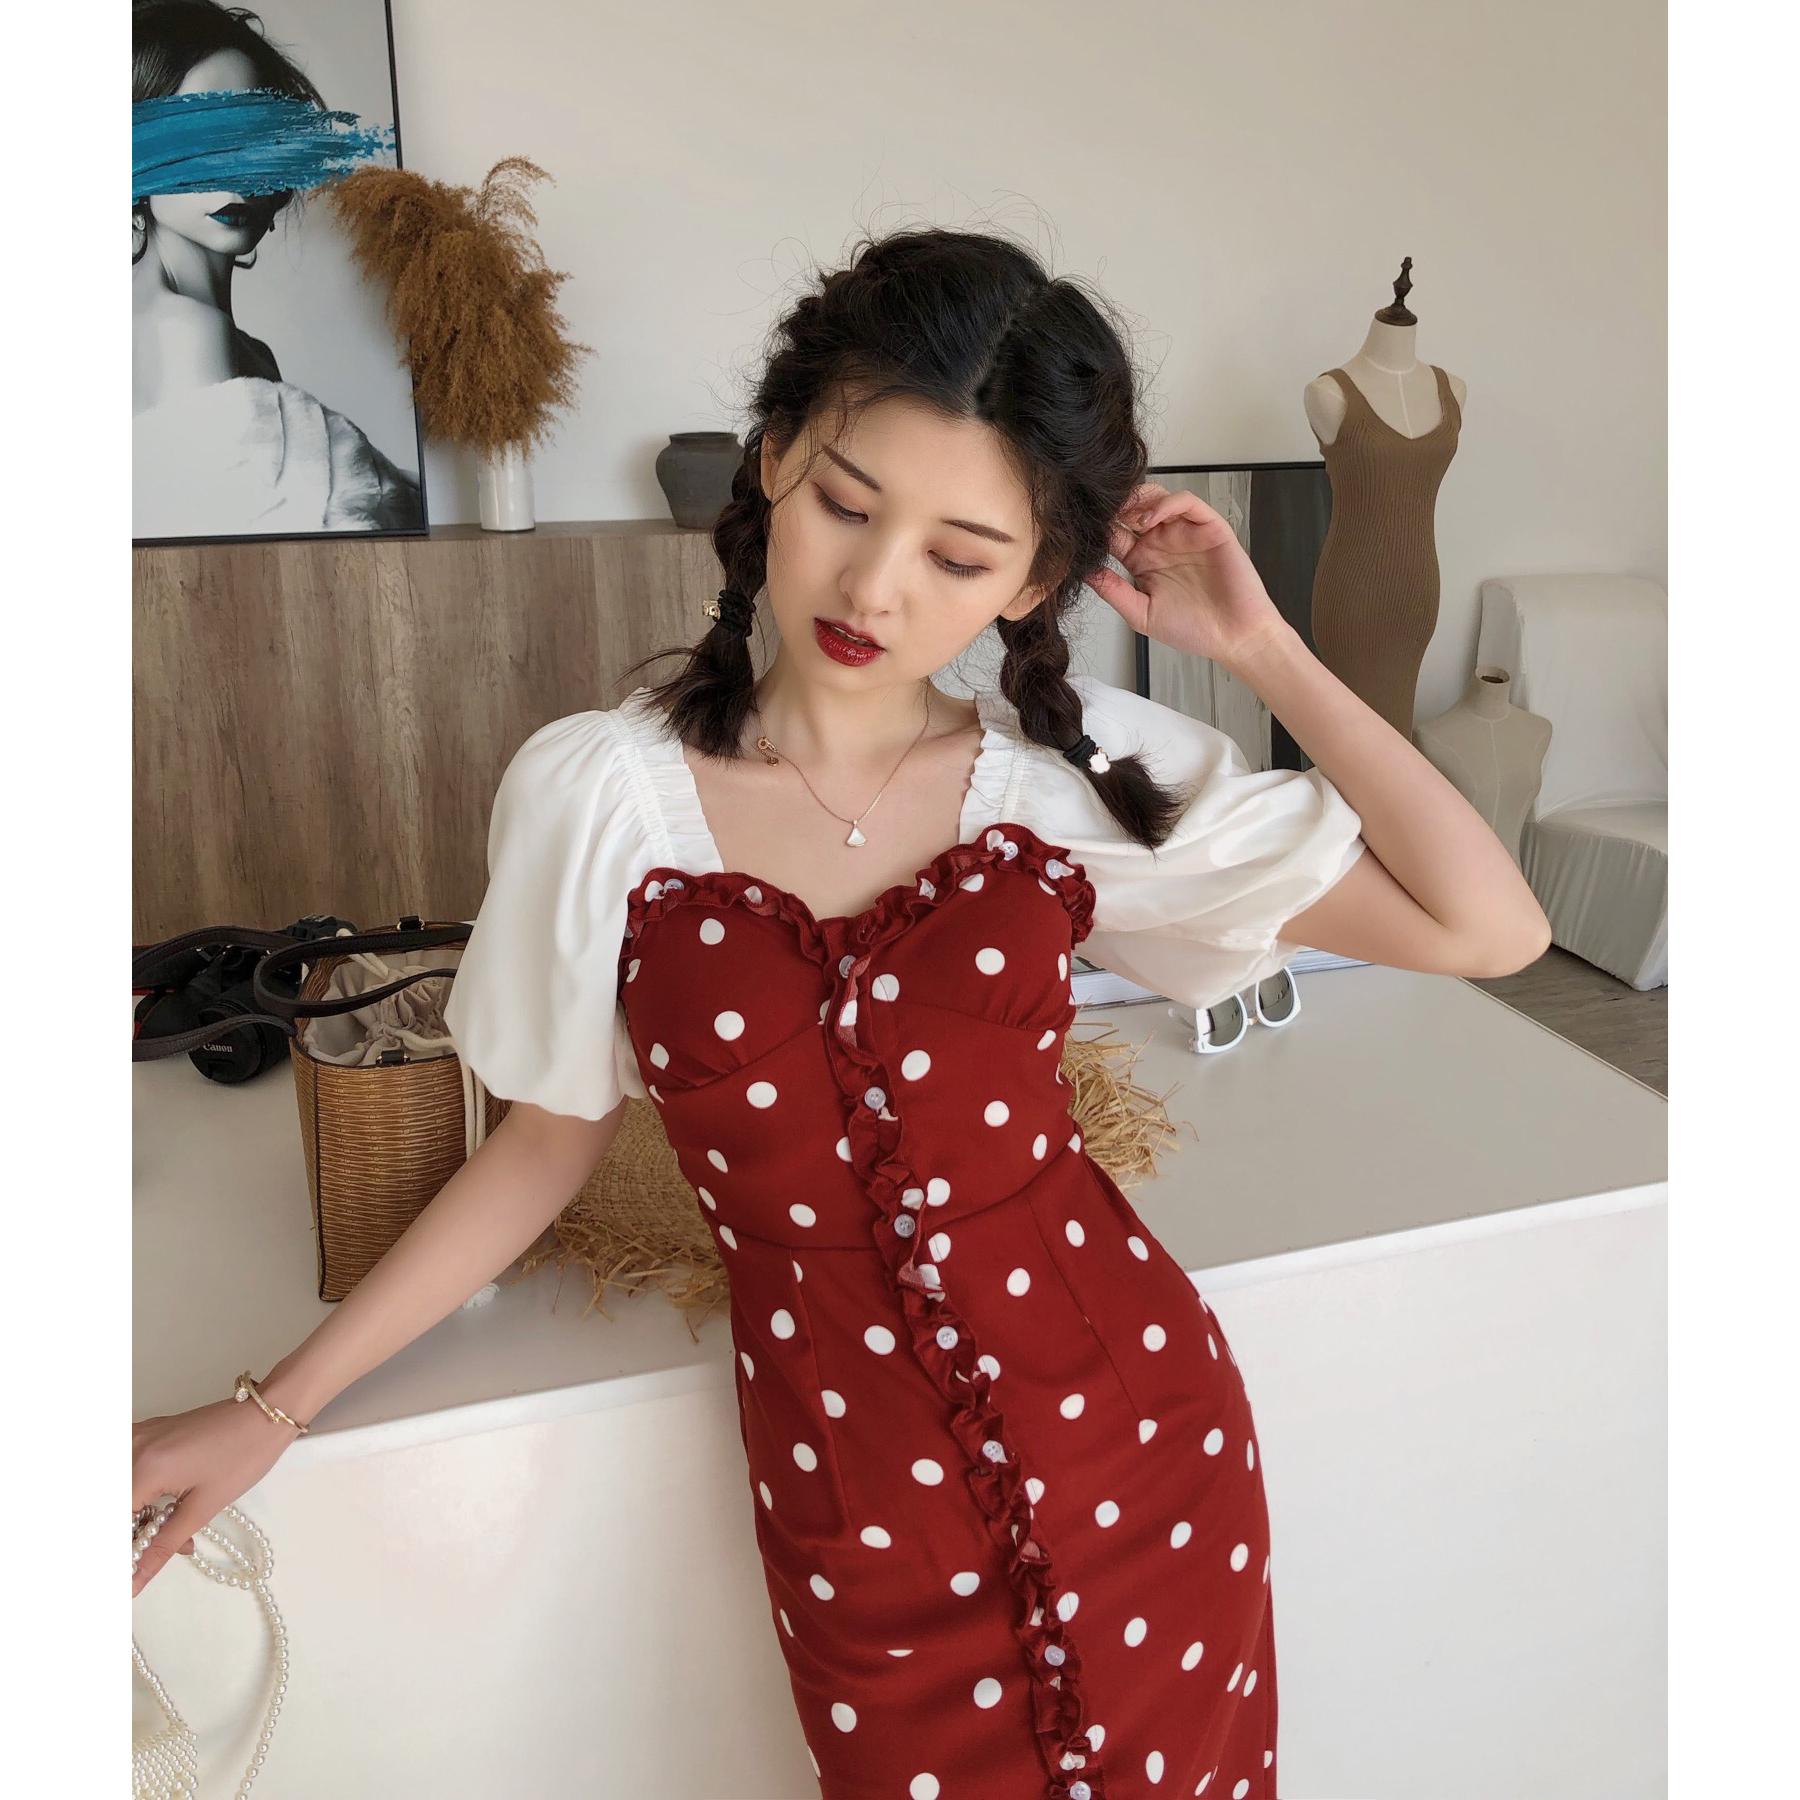 DAC复古波点印花吊带连衣裙修身显瘦2020春夏新款性感中长款裙子